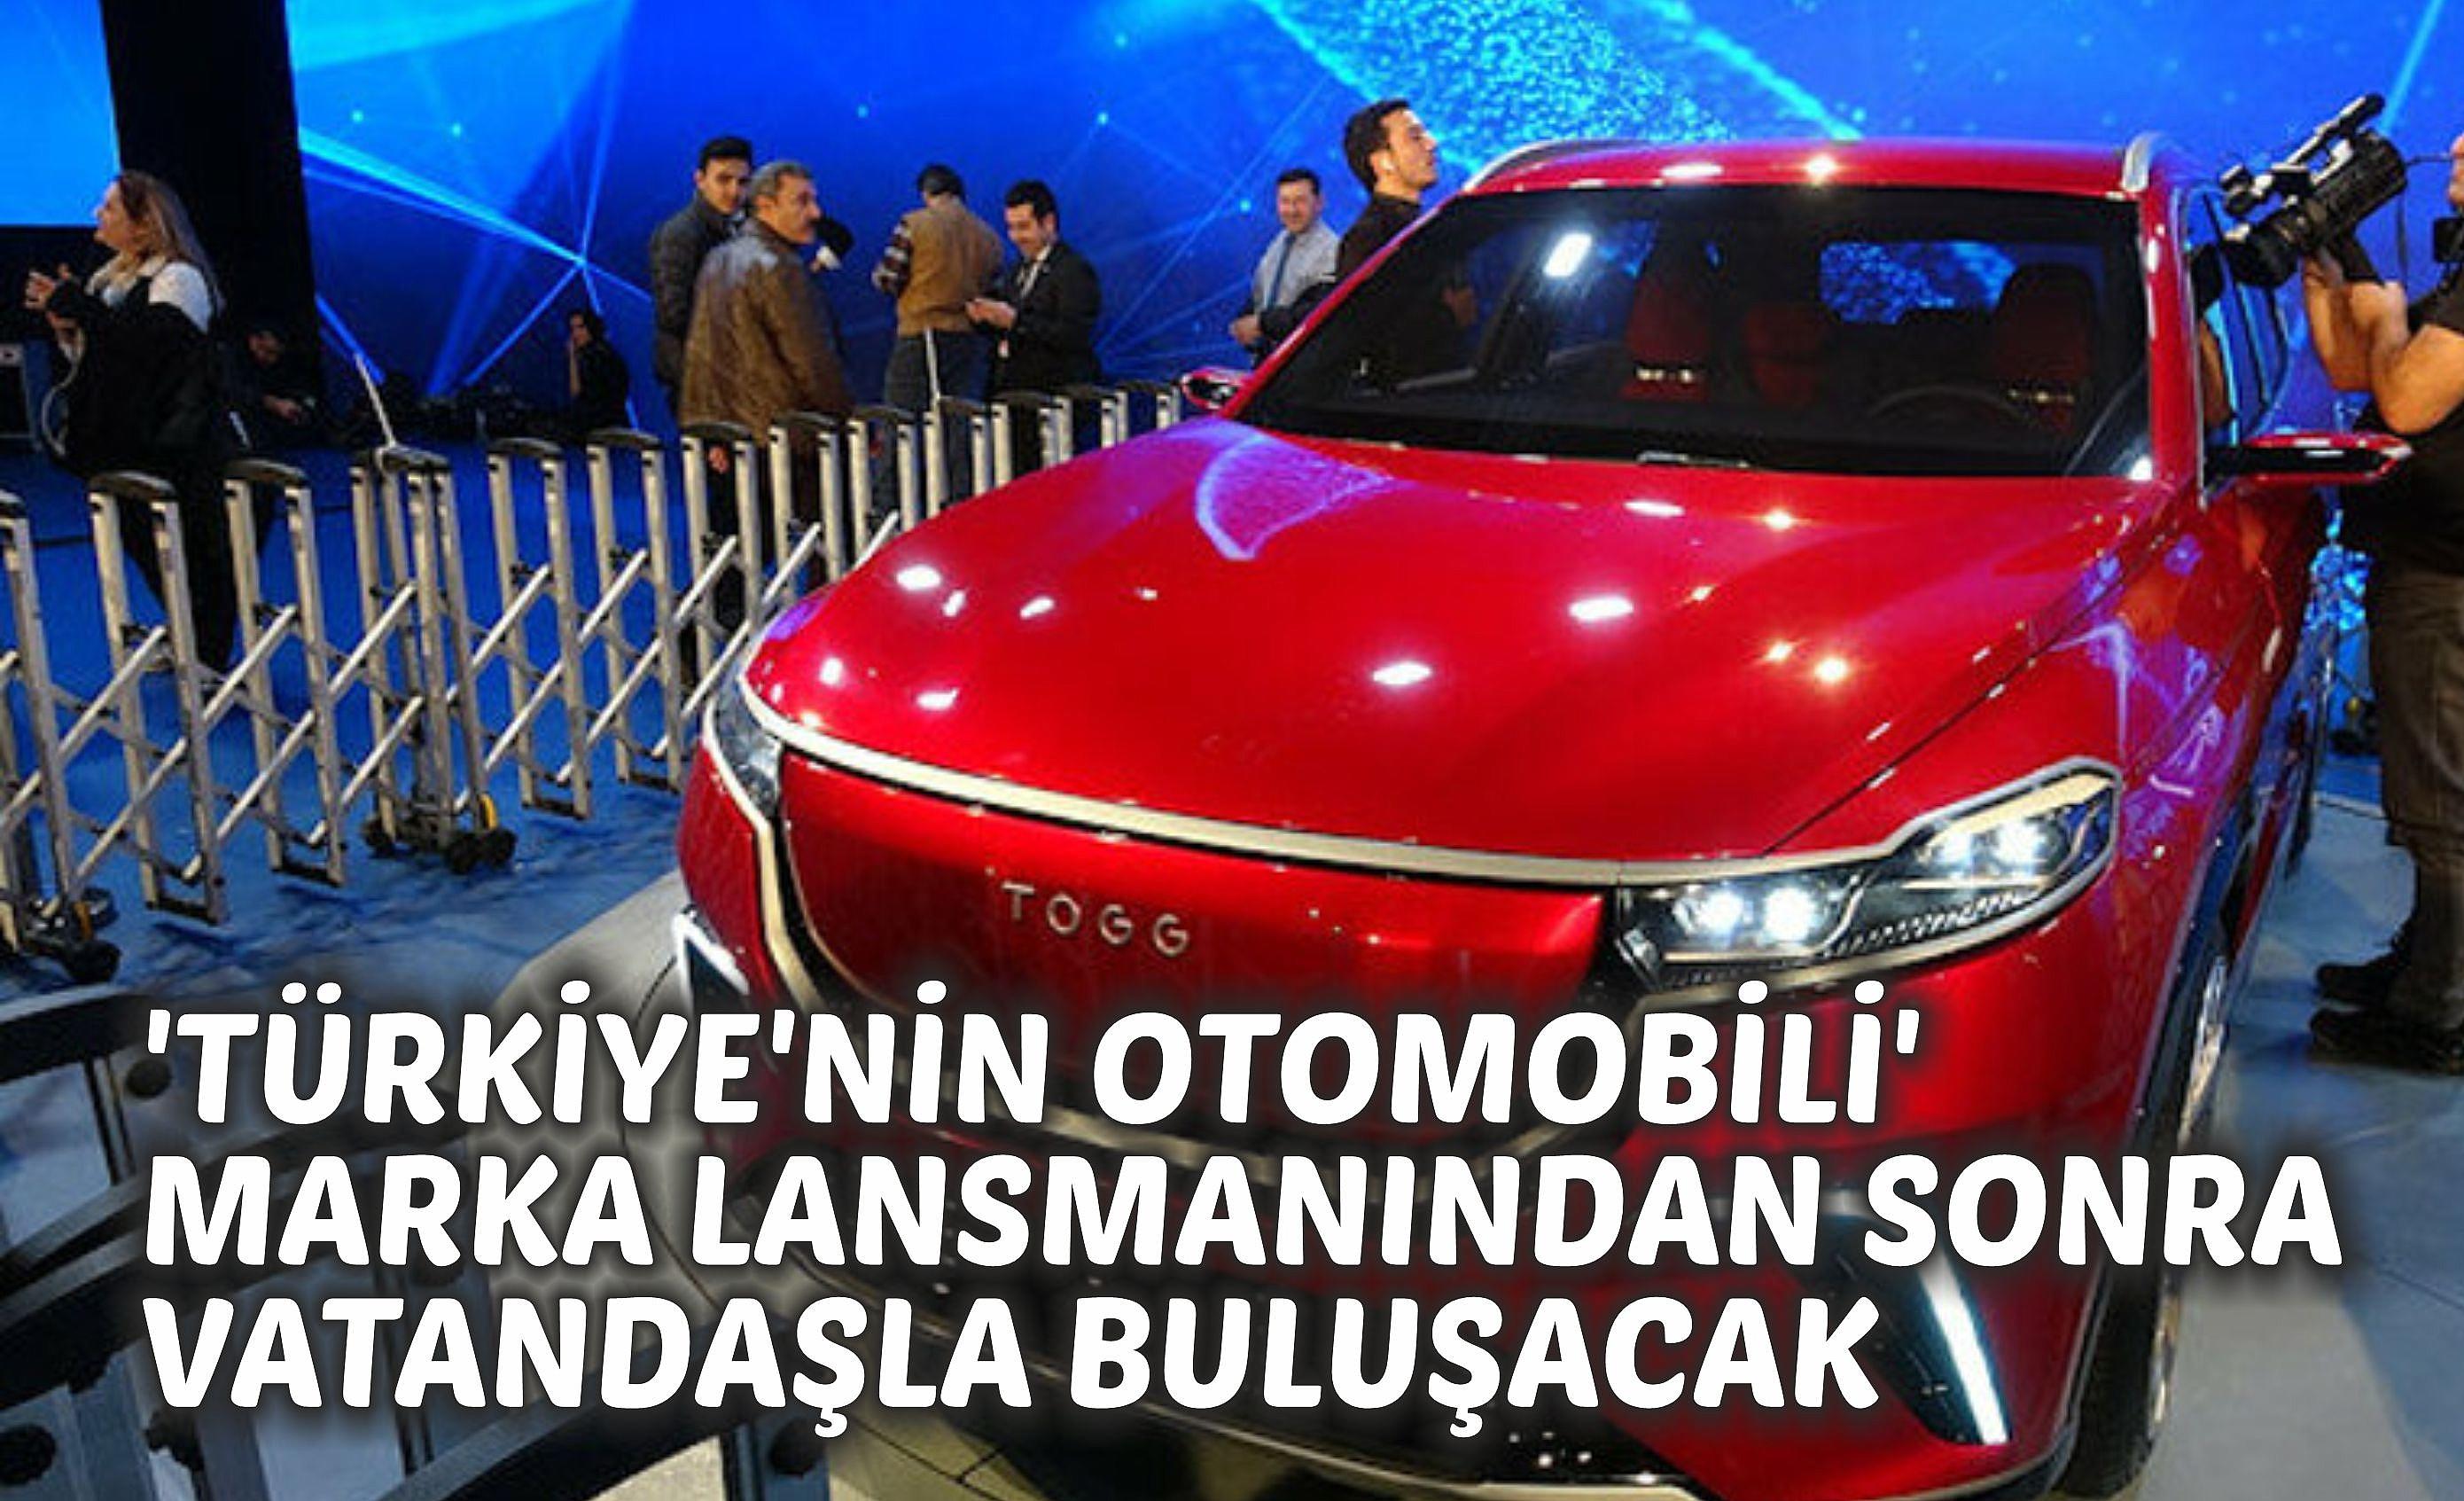 'Türkiye'nin Otomobili' Marka Lansmanından Sonra Vatandaşla Buluşacak